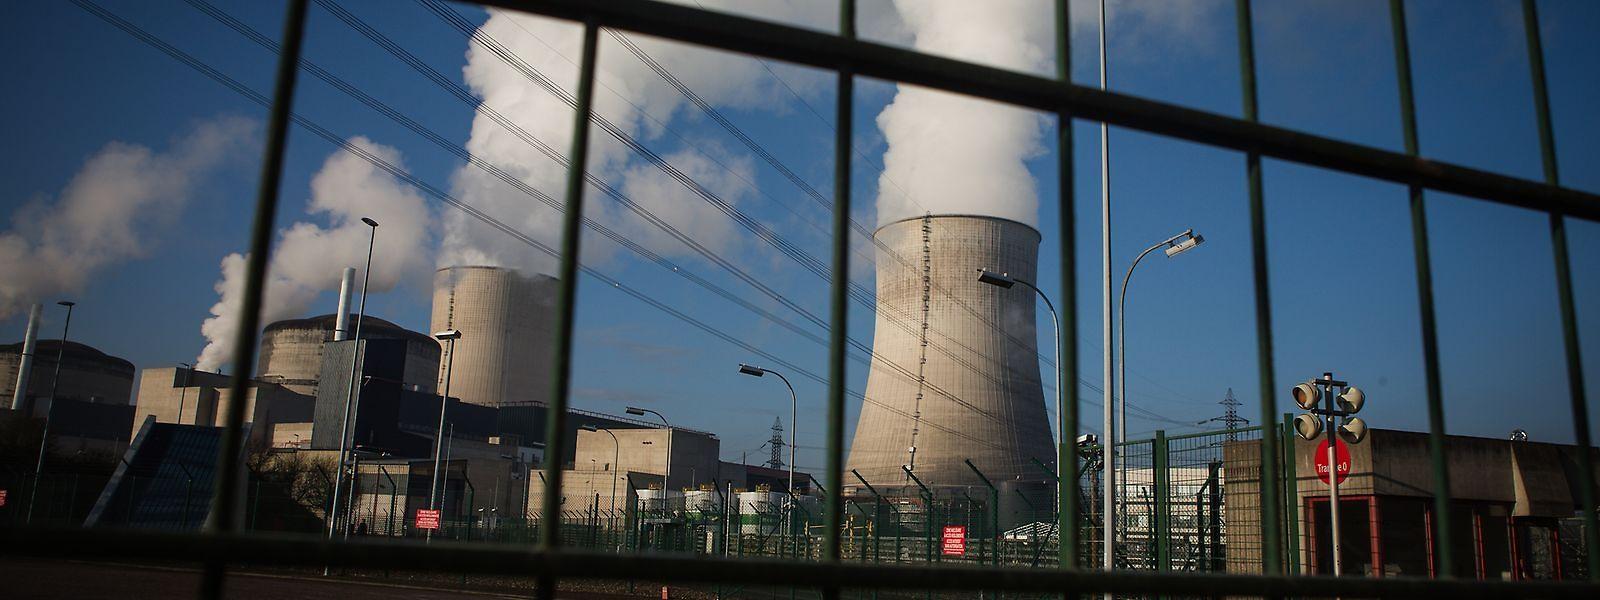 La centrale nucléaire de Cattenom a repris son fonctionnement normal, après la remise en marche de son 4ème réacteur.